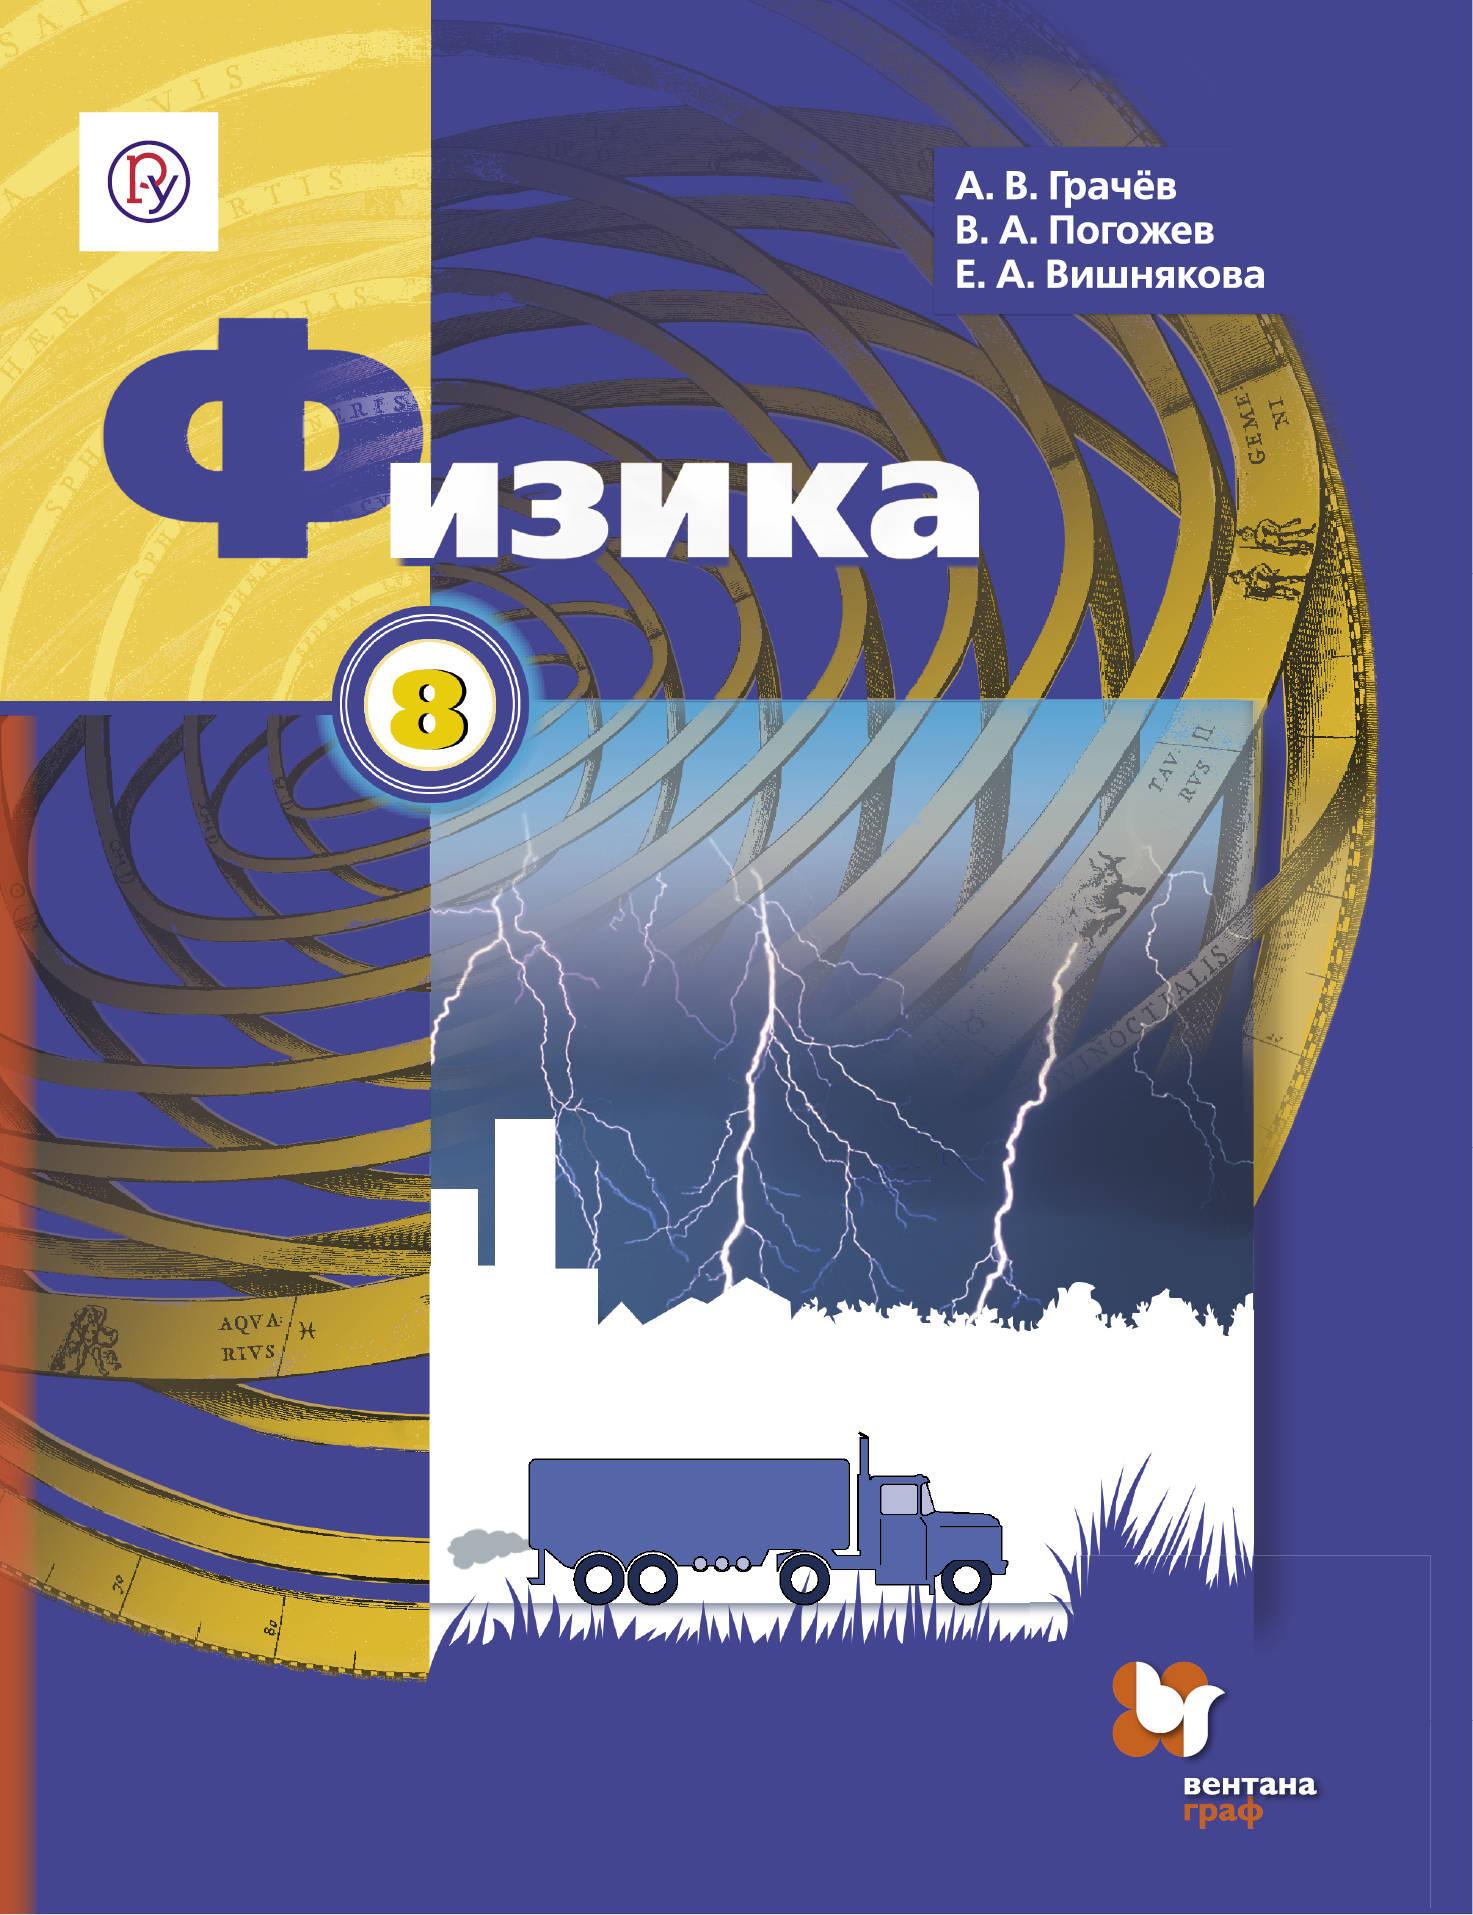 А. В. Грачев,В. А. Погожев,Е. А. Вишнякова Физика. 8 класс. Учебник